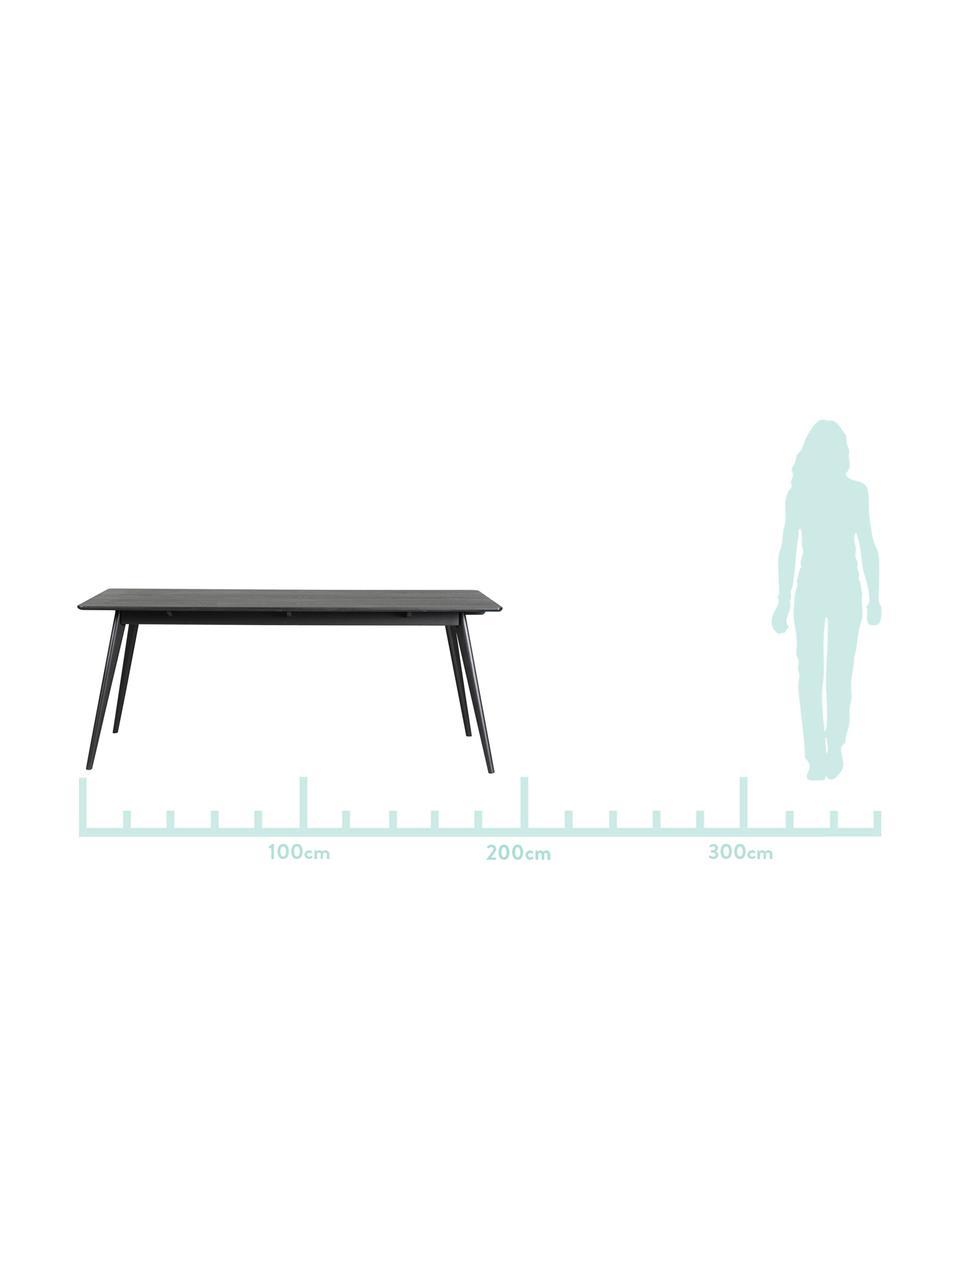 Holz-Esstisch Yumi in Schwarz, Tischplatte: Mitteldichte Holzfaserpla, Beine: Gummibaumholz, massiv, ge, Schwarz, matt, B 190 x T 90 cm